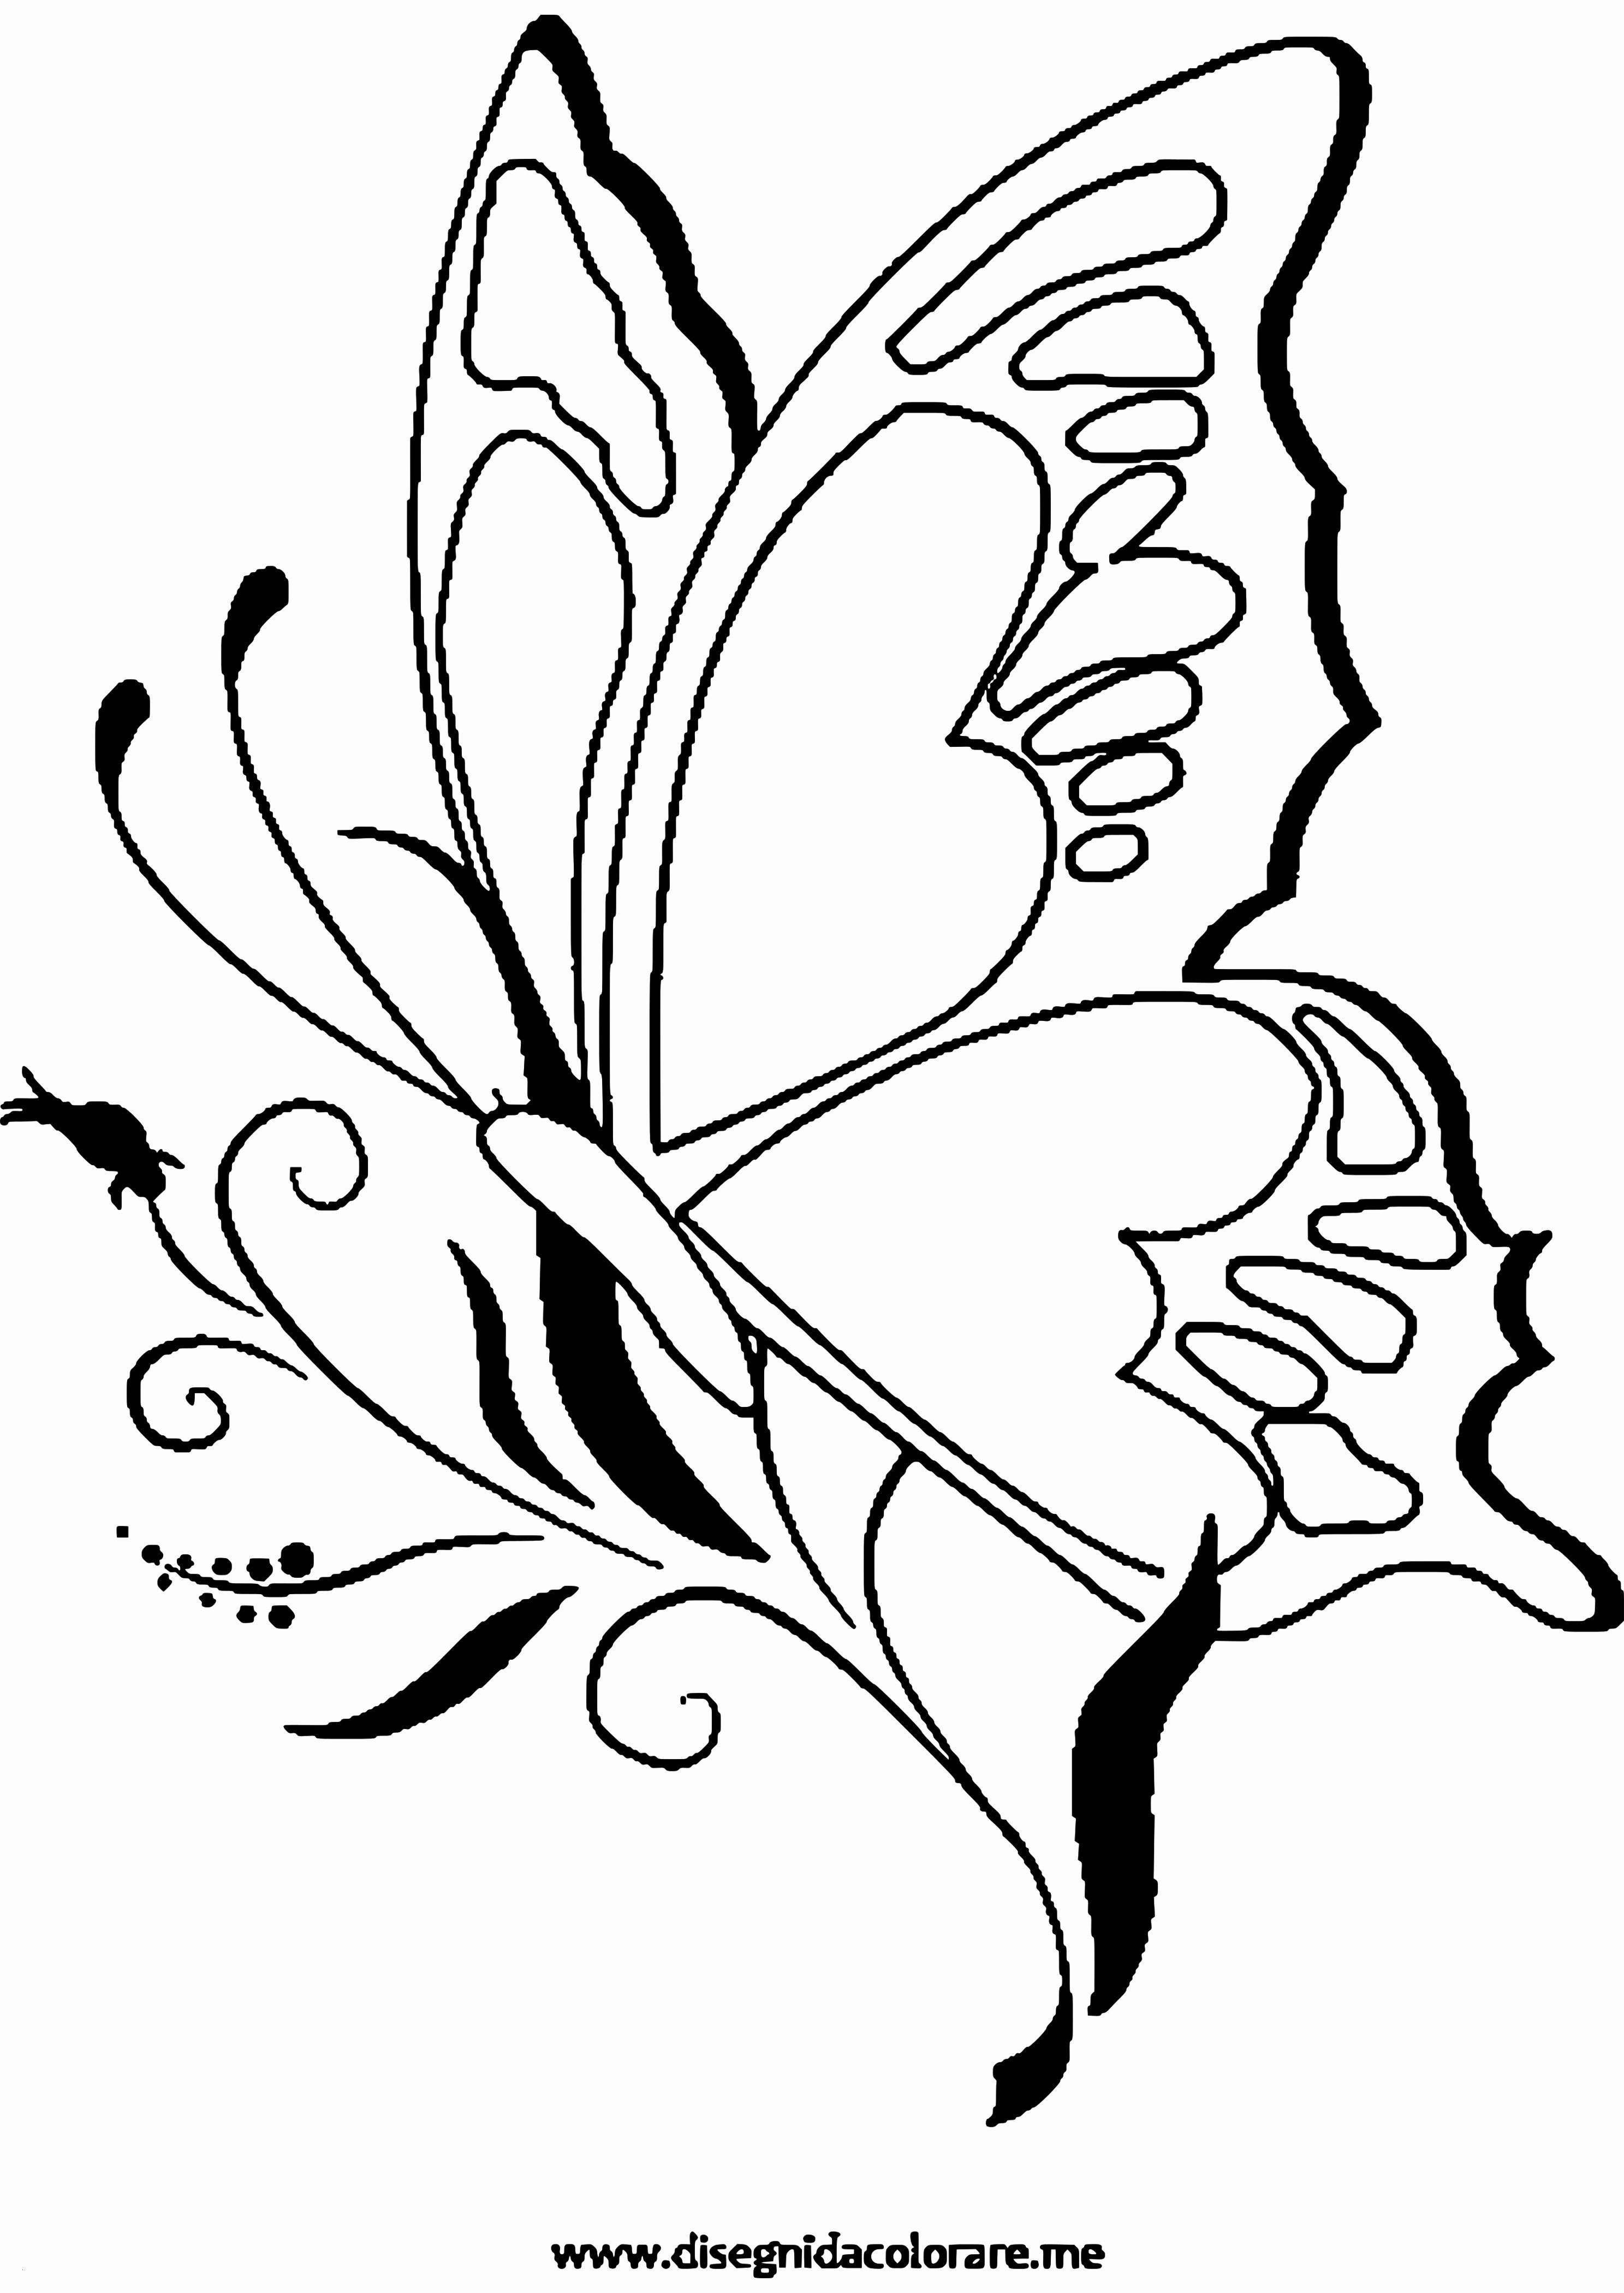 52 Einzigartig Ausmalbilder Schmetterling Kostenlos Ausdrucken Ausmalbilder Schmetterling Kostenlos Malvorlagen Malvorlagen Blumen Malvorlage Schmetterling